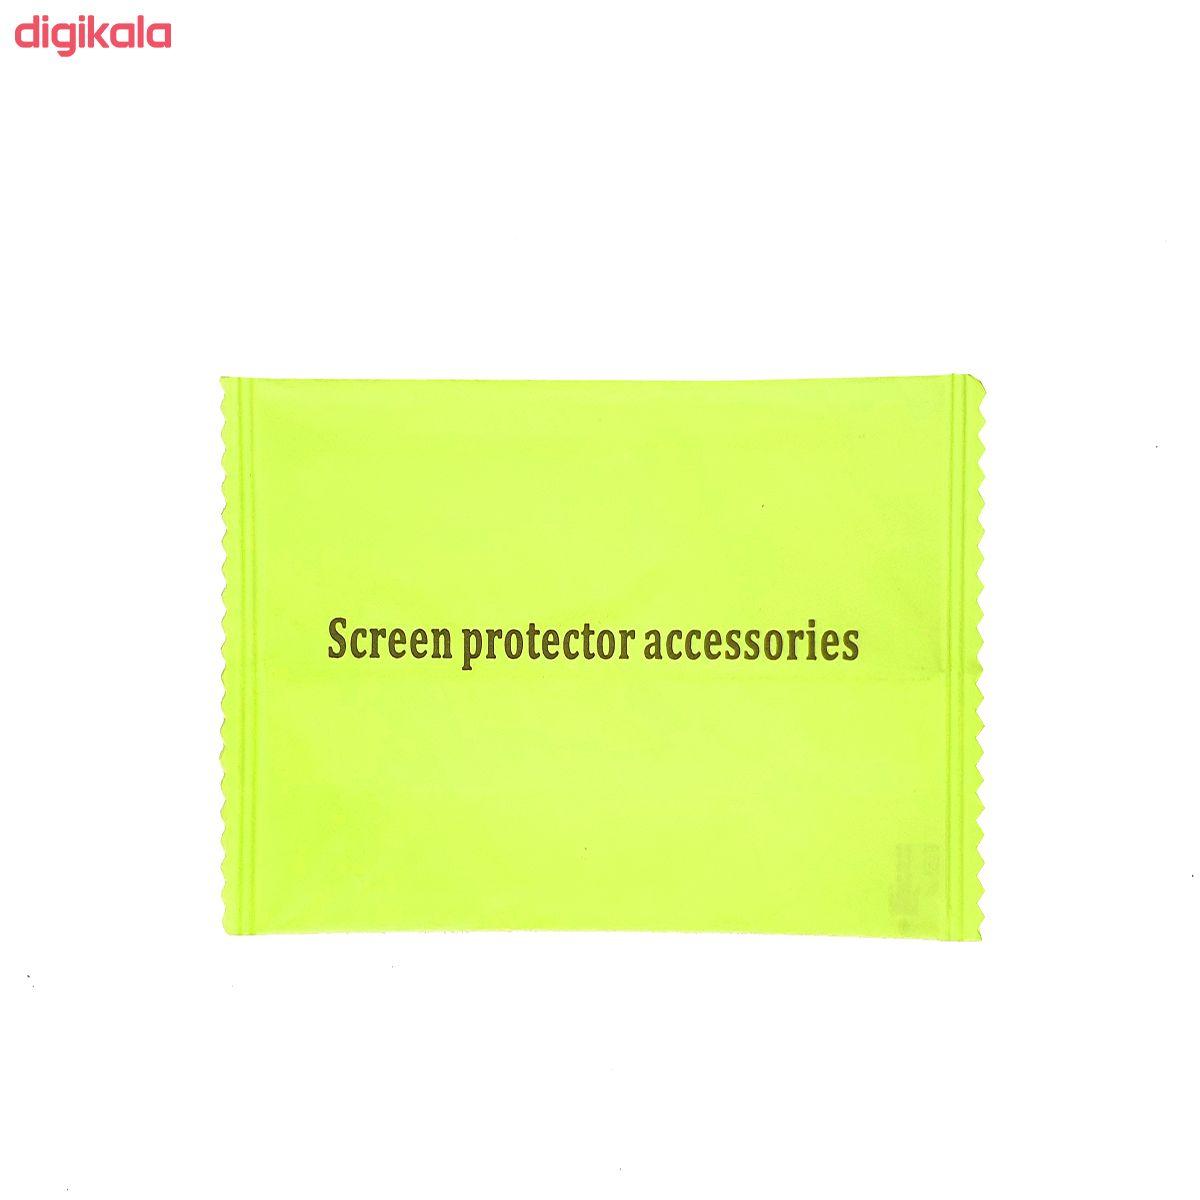 محافظ صفحه نمایش سرامیکی مدل FLCRM01pr مناسب برای گوشی موبایل اپل iPhone XR main 1 1